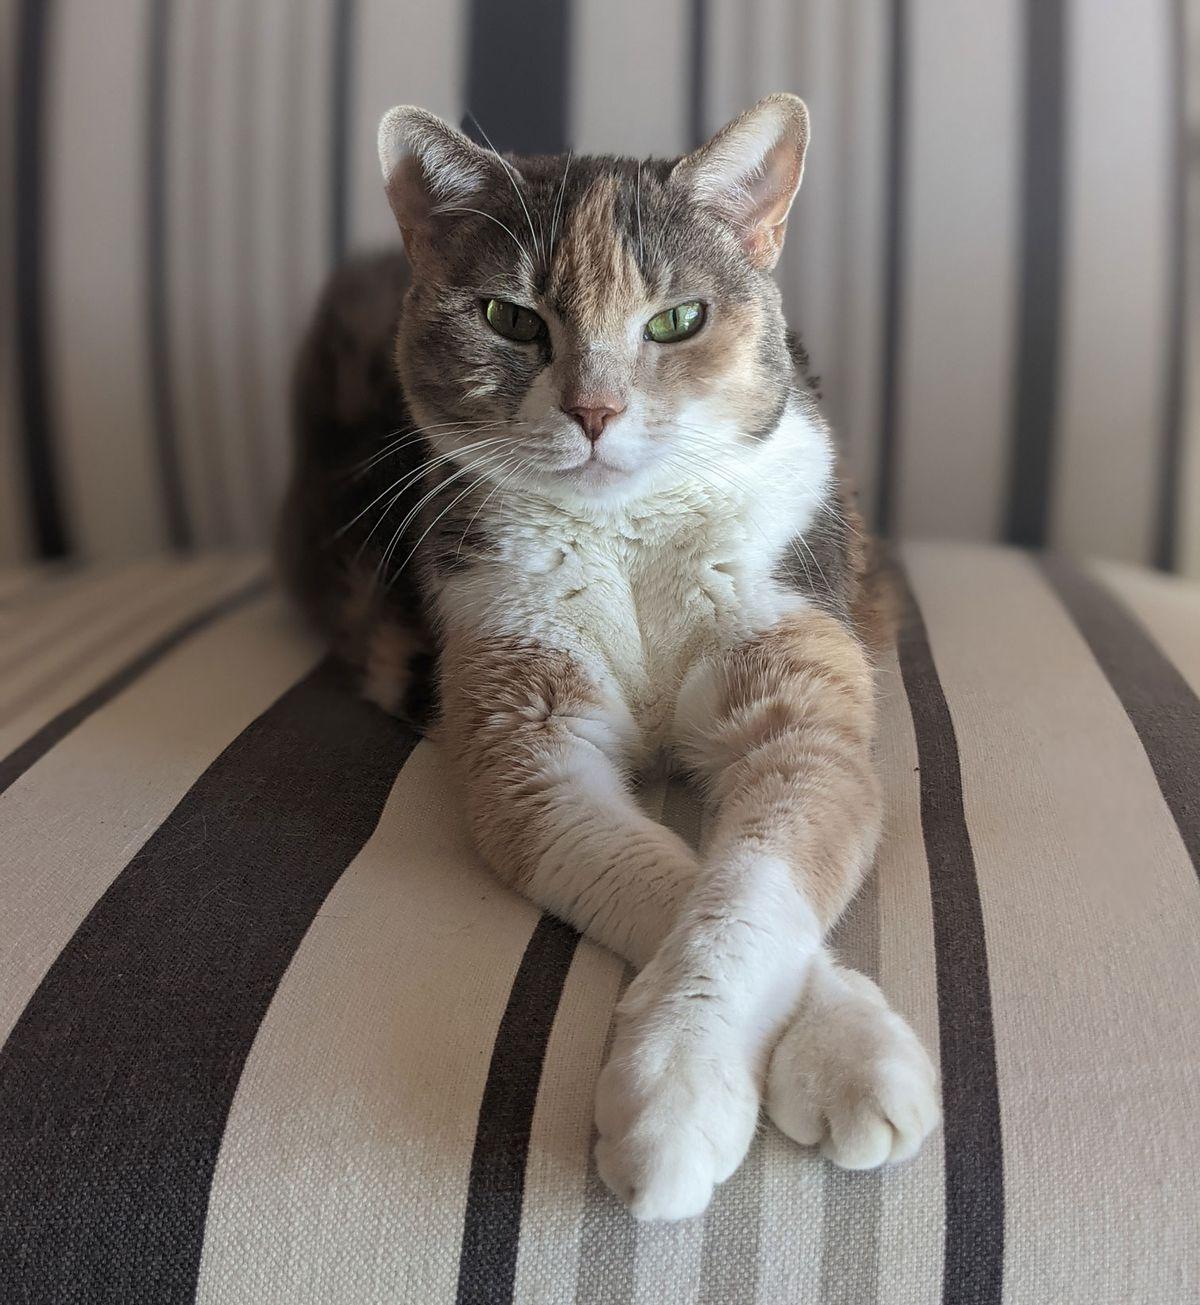 Foto de un gato en una pose muy cuidada con las patas cruzadas.